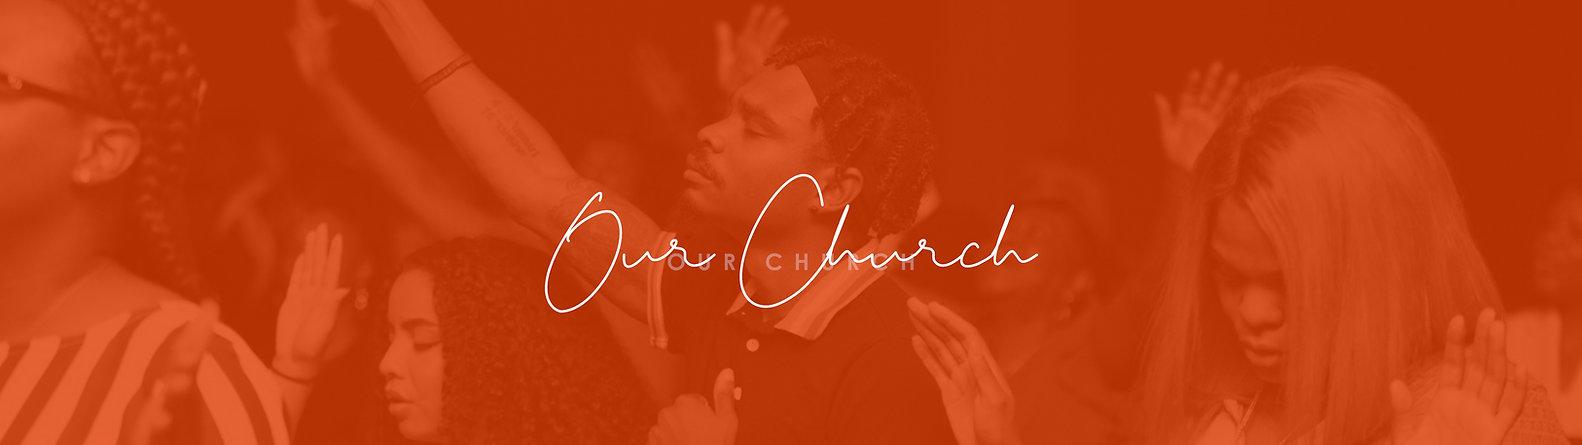 BL Banner Our Church 2.jpg